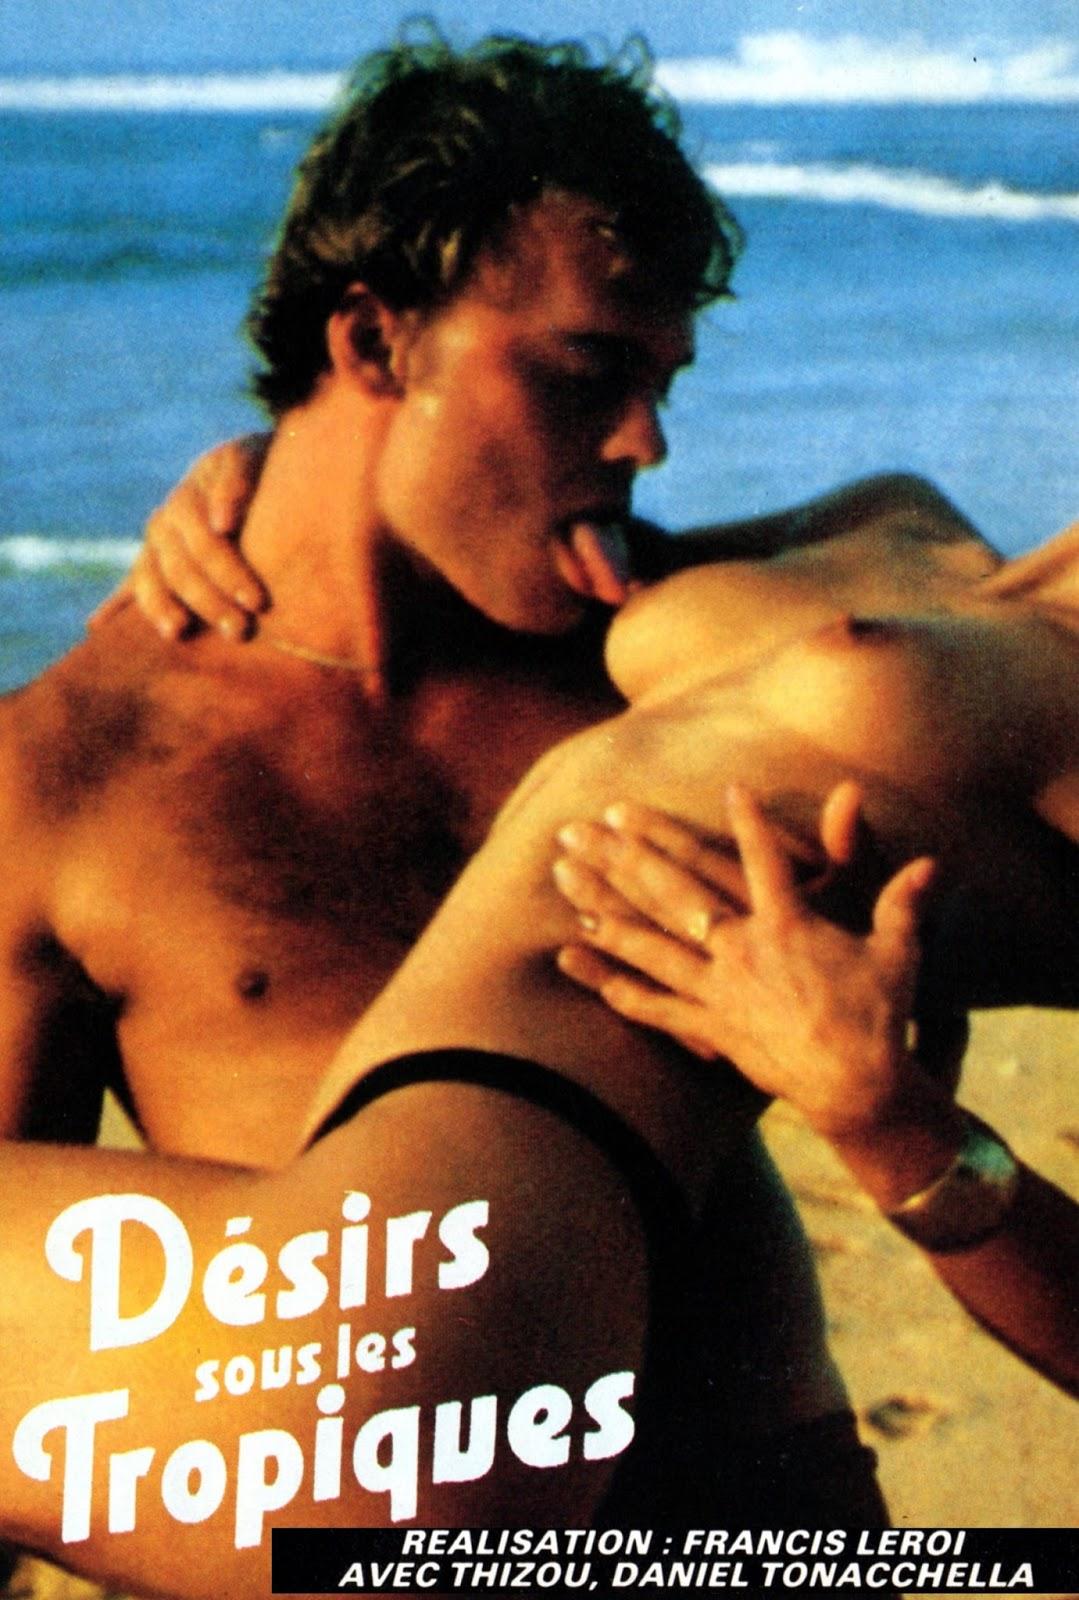 DESIRS SOUS LES TROPIQUES... (1979)